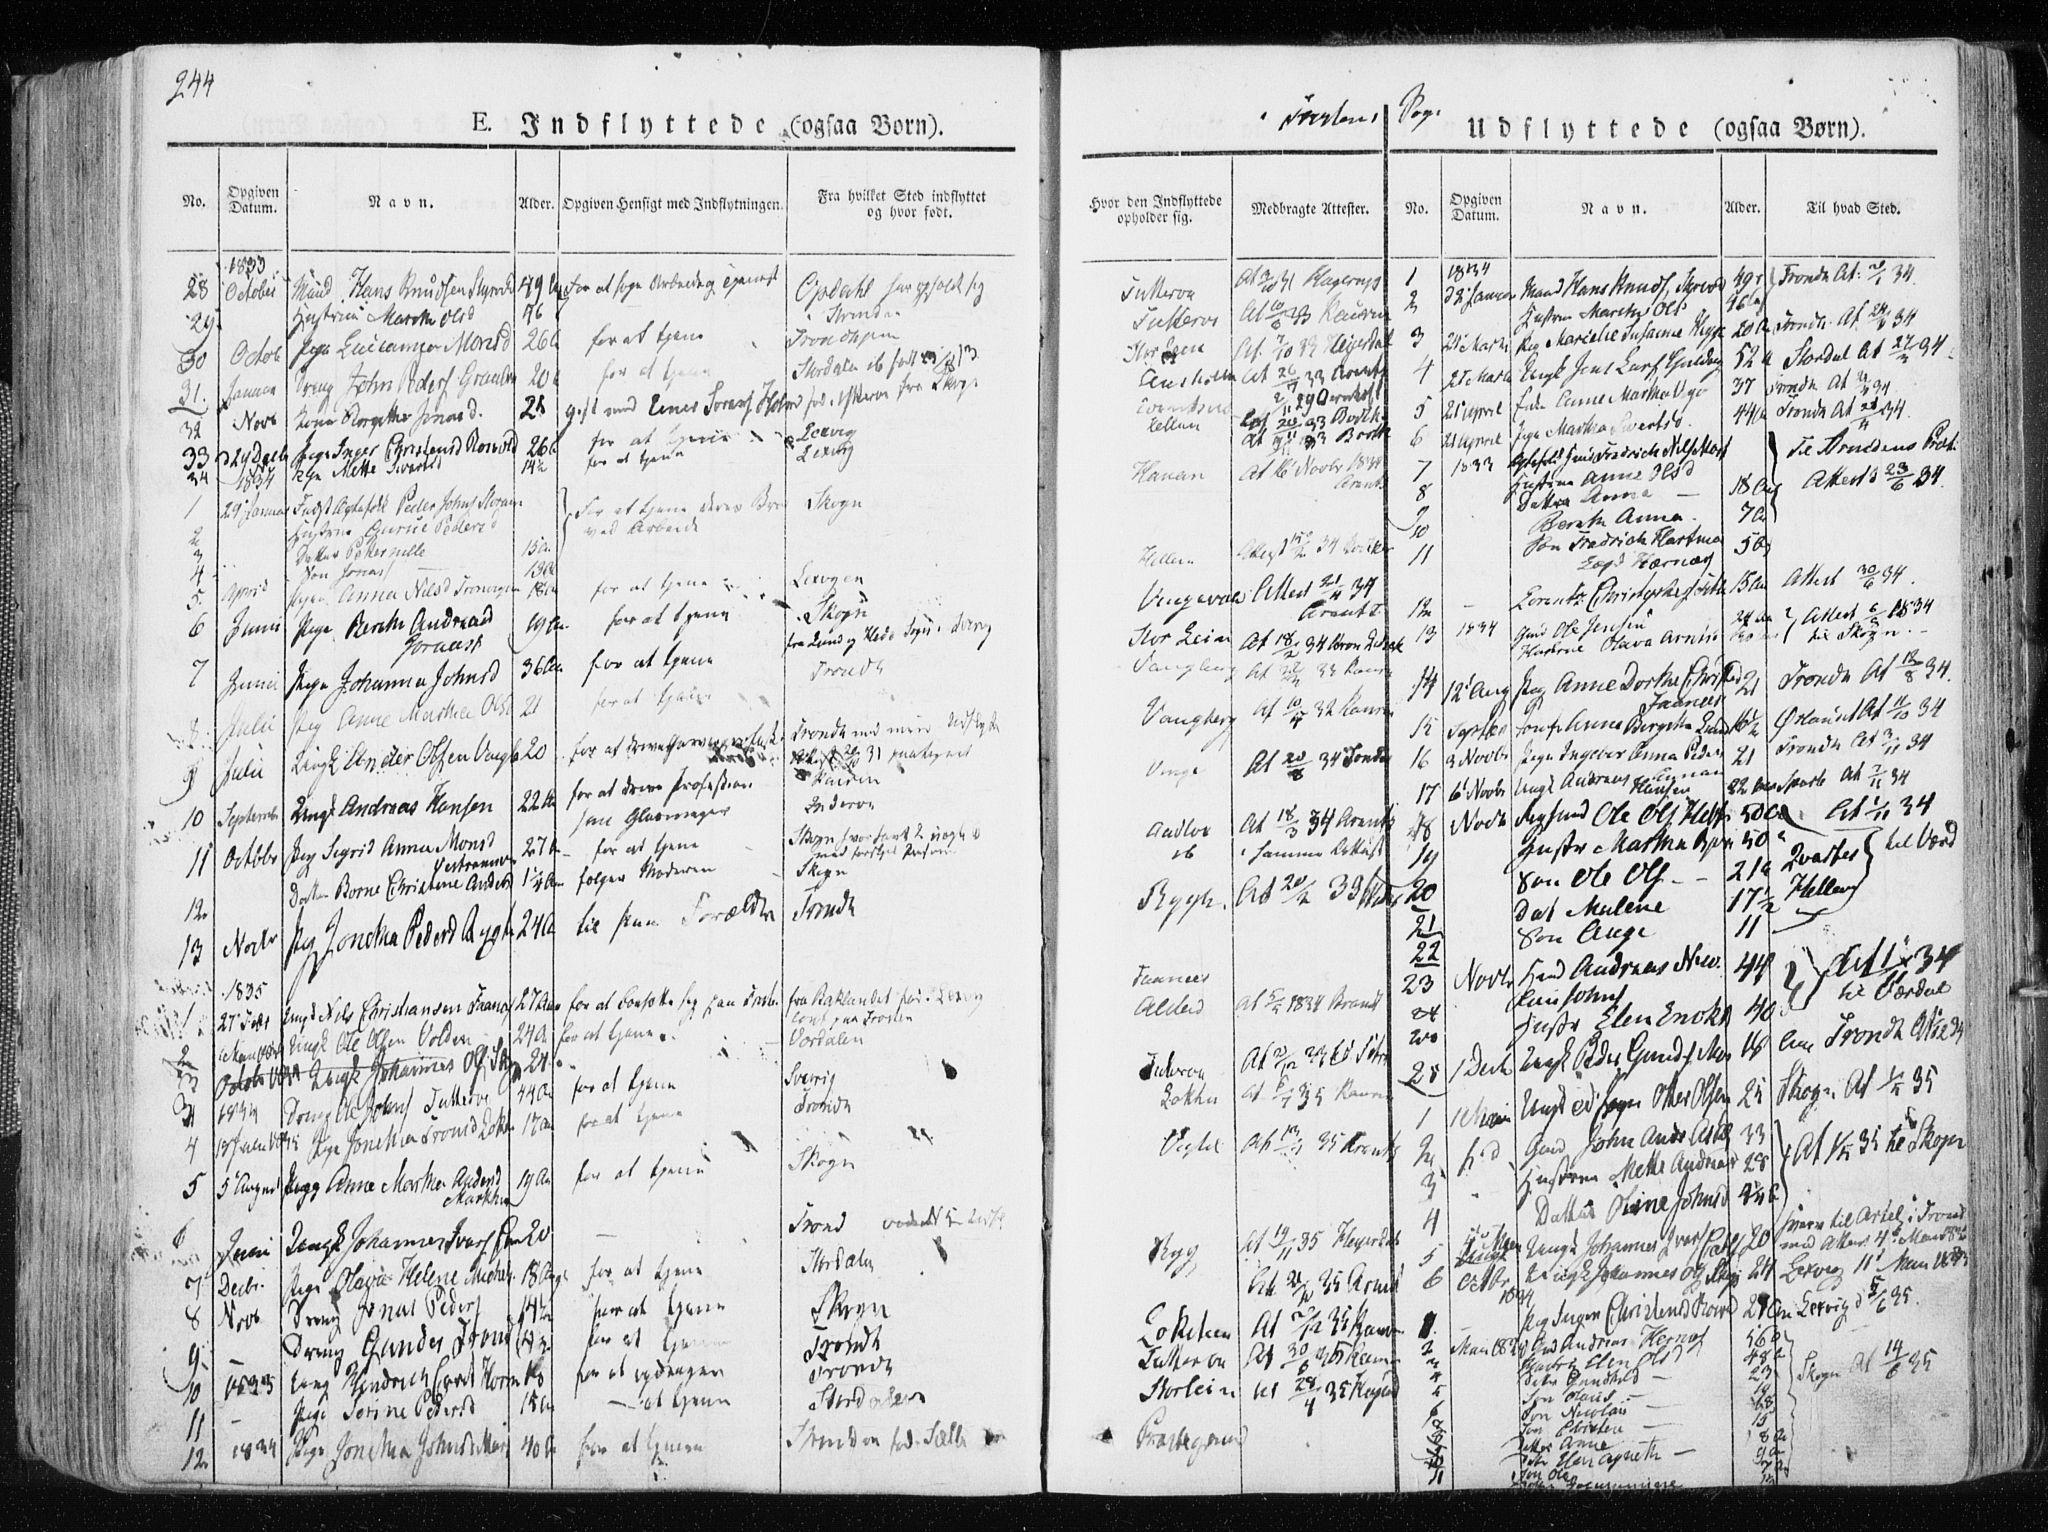 SAT, Ministerialprotokoller, klokkerbøker og fødselsregistre - Nord-Trøndelag, 713/L0114: Ministerialbok nr. 713A05, 1827-1839, s. 244